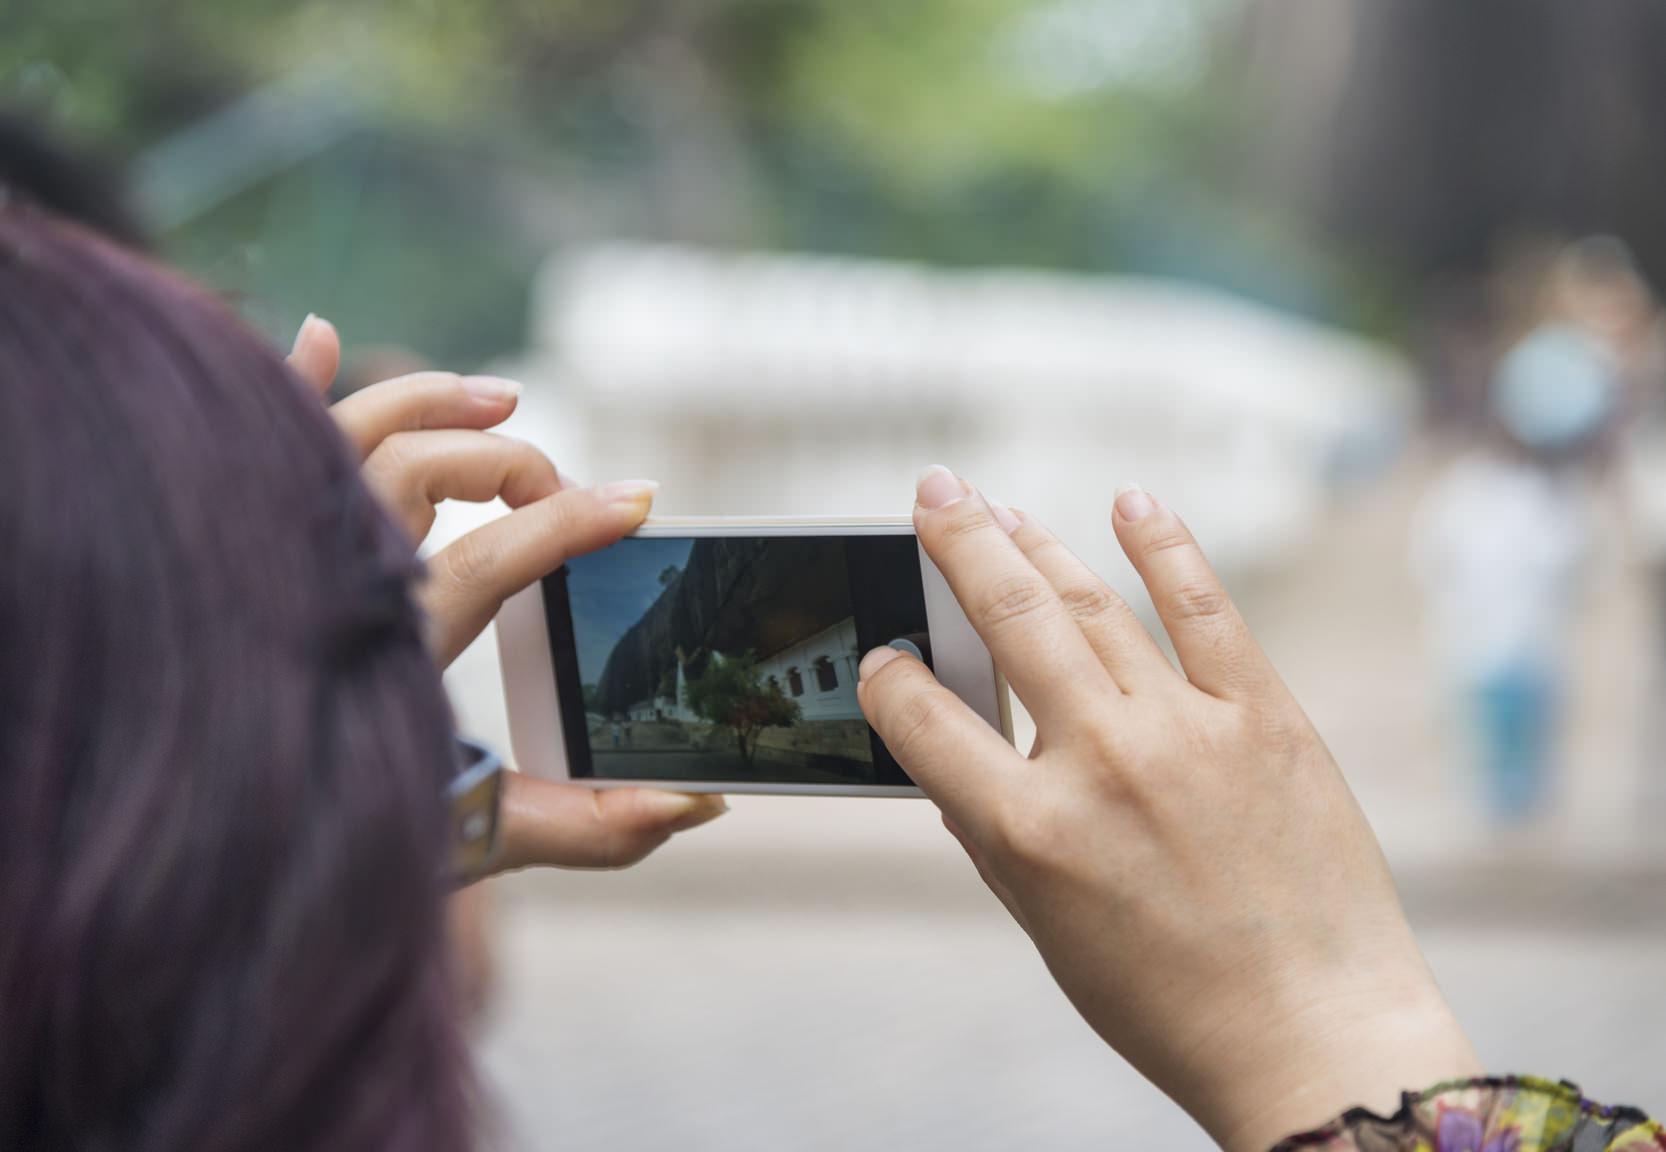 Fotografia da smartphone: ecco alcune regole pratiche